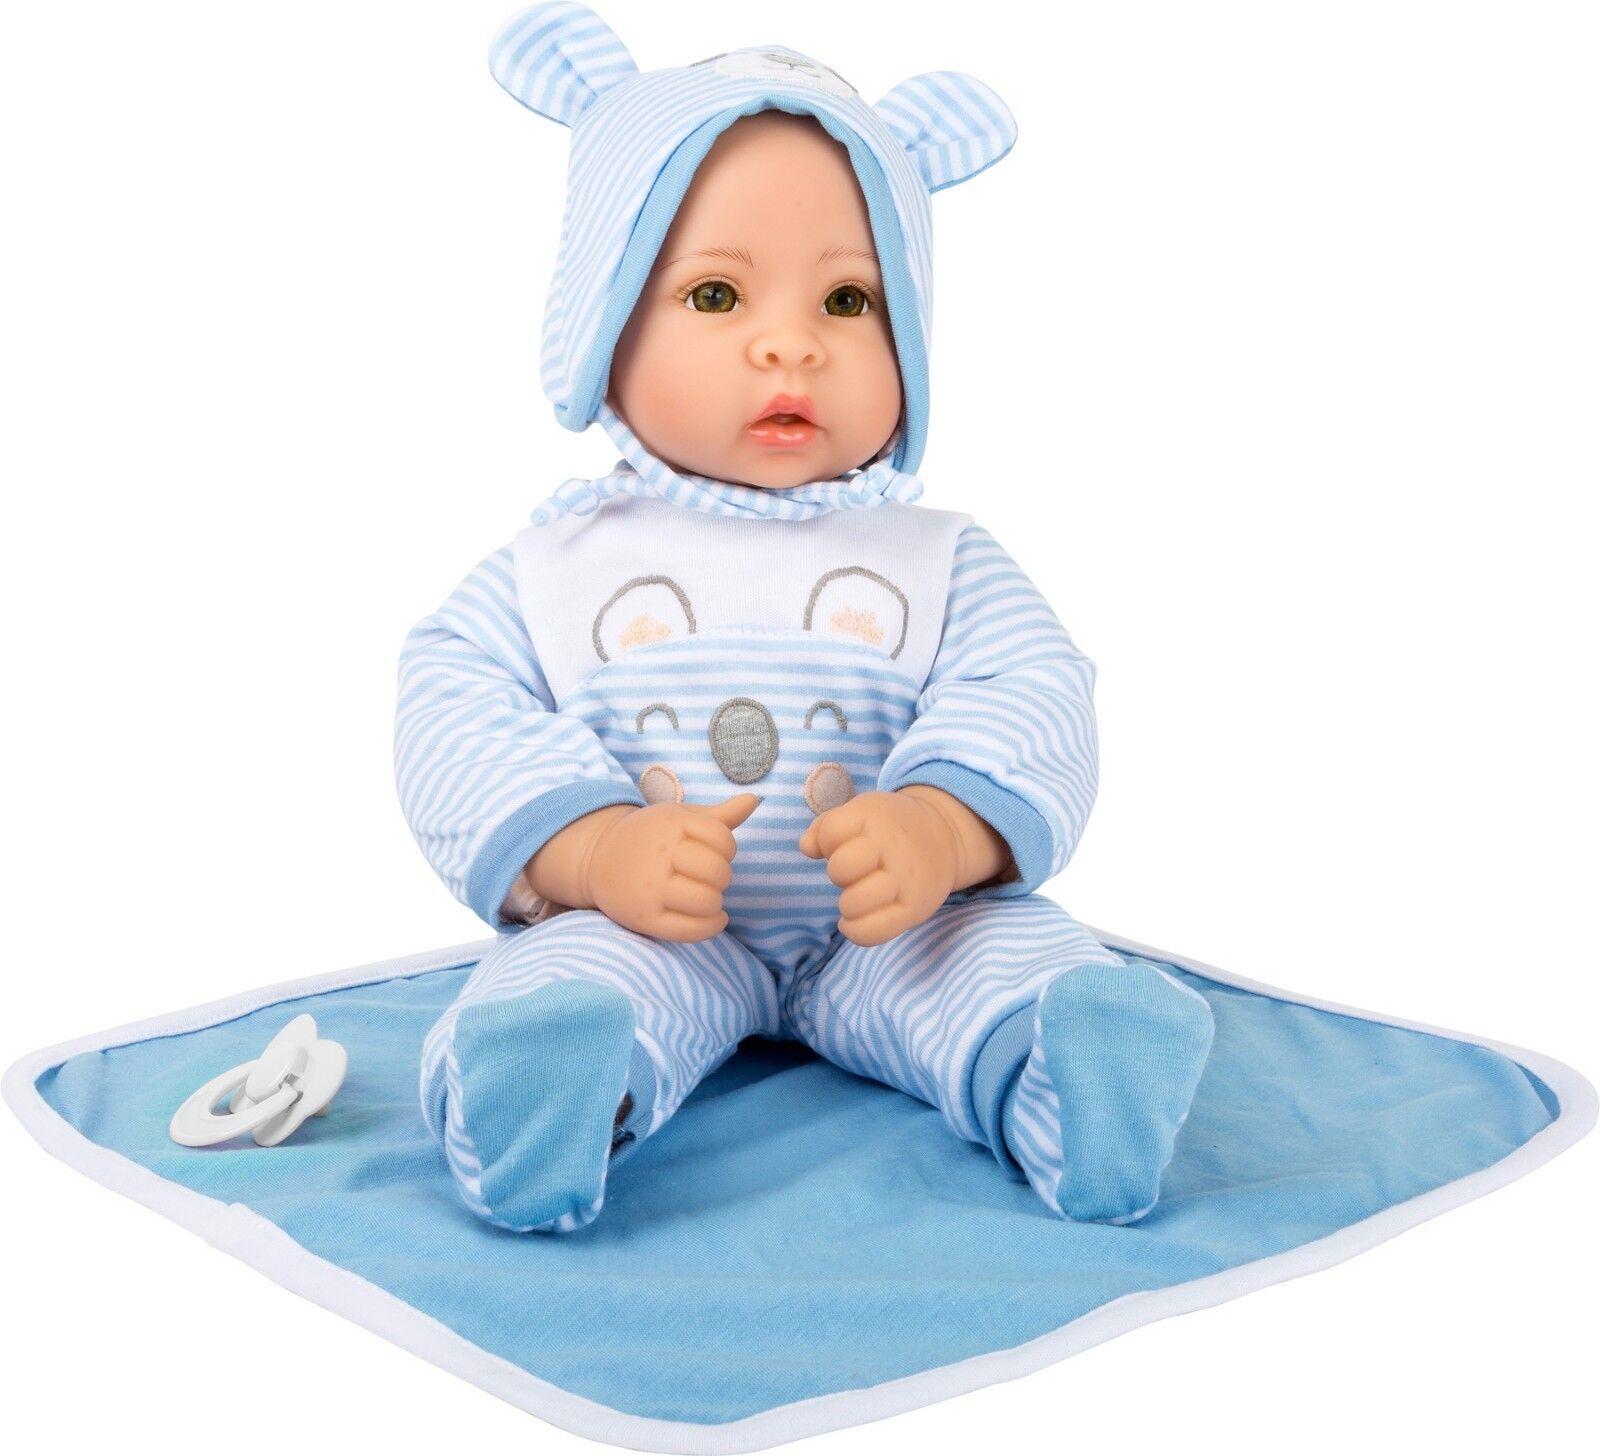 Puppe Lukas Babypuppe Junge Kinderpuppe Spielzeugpuppe mit Zubehör für Kinder